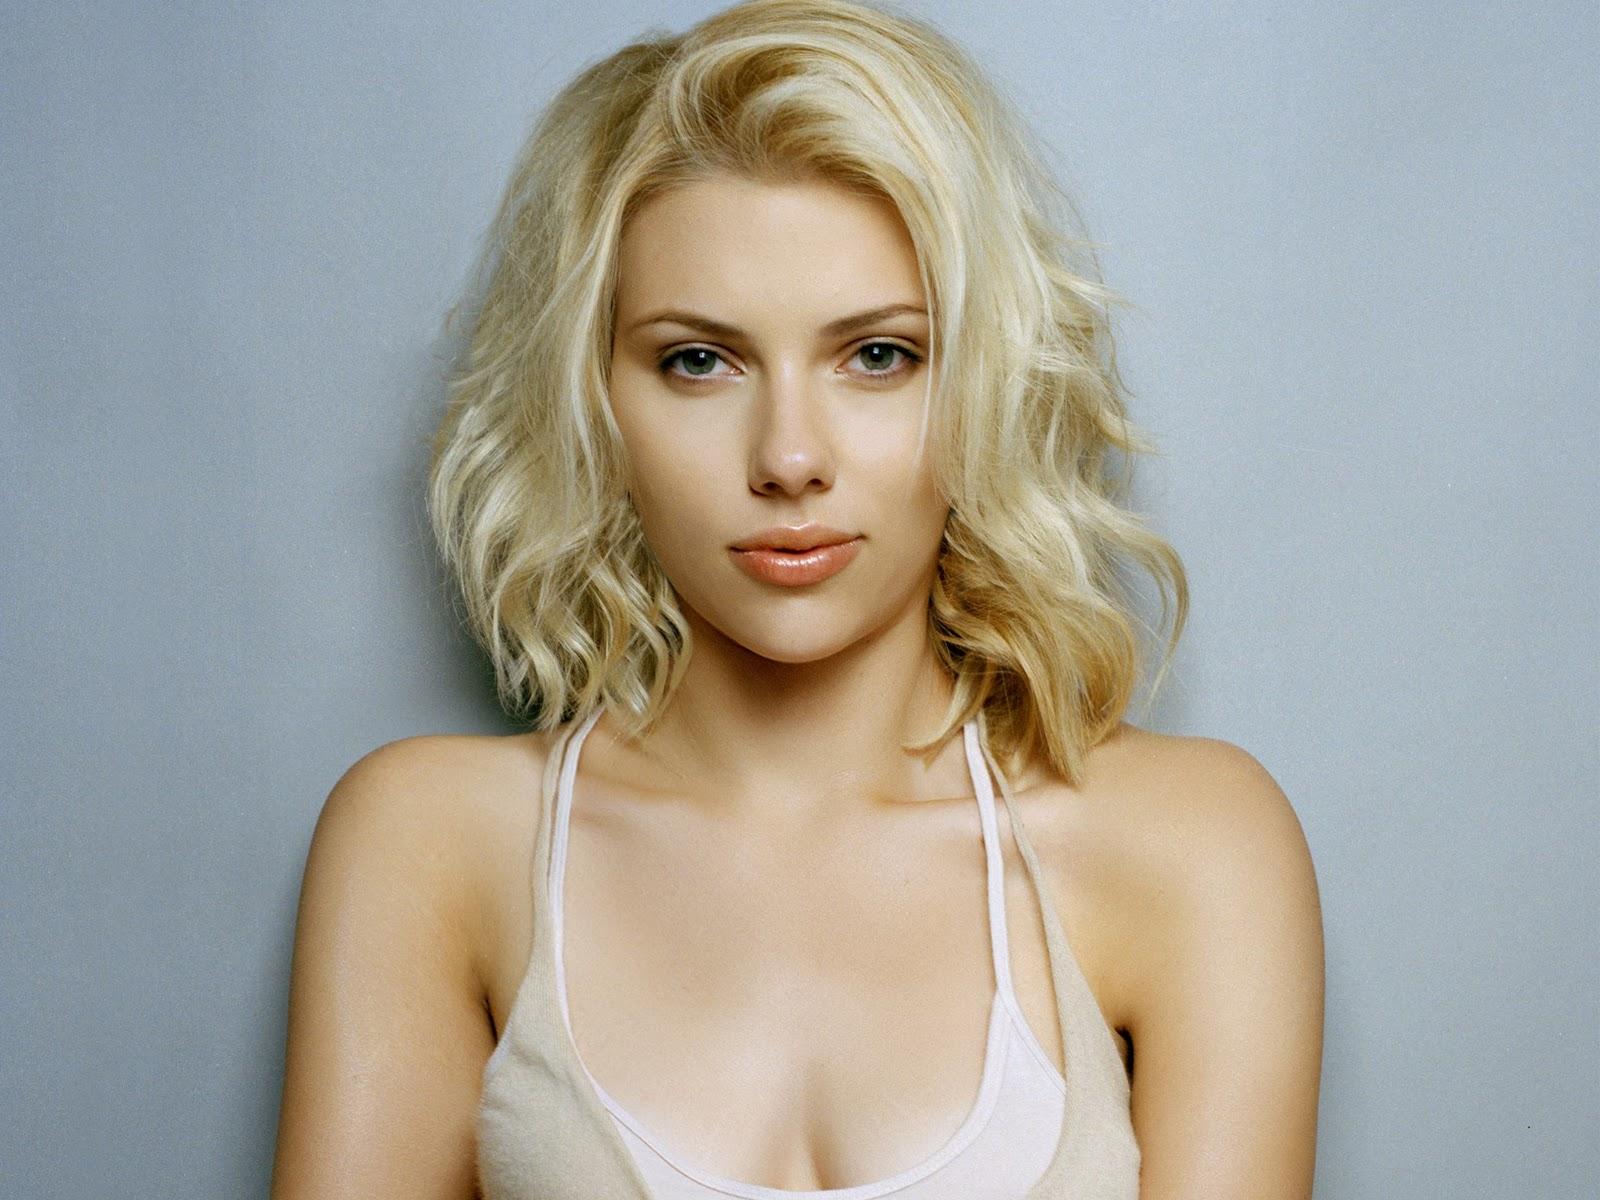 http://3.bp.blogspot.com/-MHonHJ7Hmi8/TxwMeSGWW7I/AAAAAAAABqE/NJFA_NWjxrc/s1600/Scarlett-Johansson-Wallpapers-HD-3.jpg